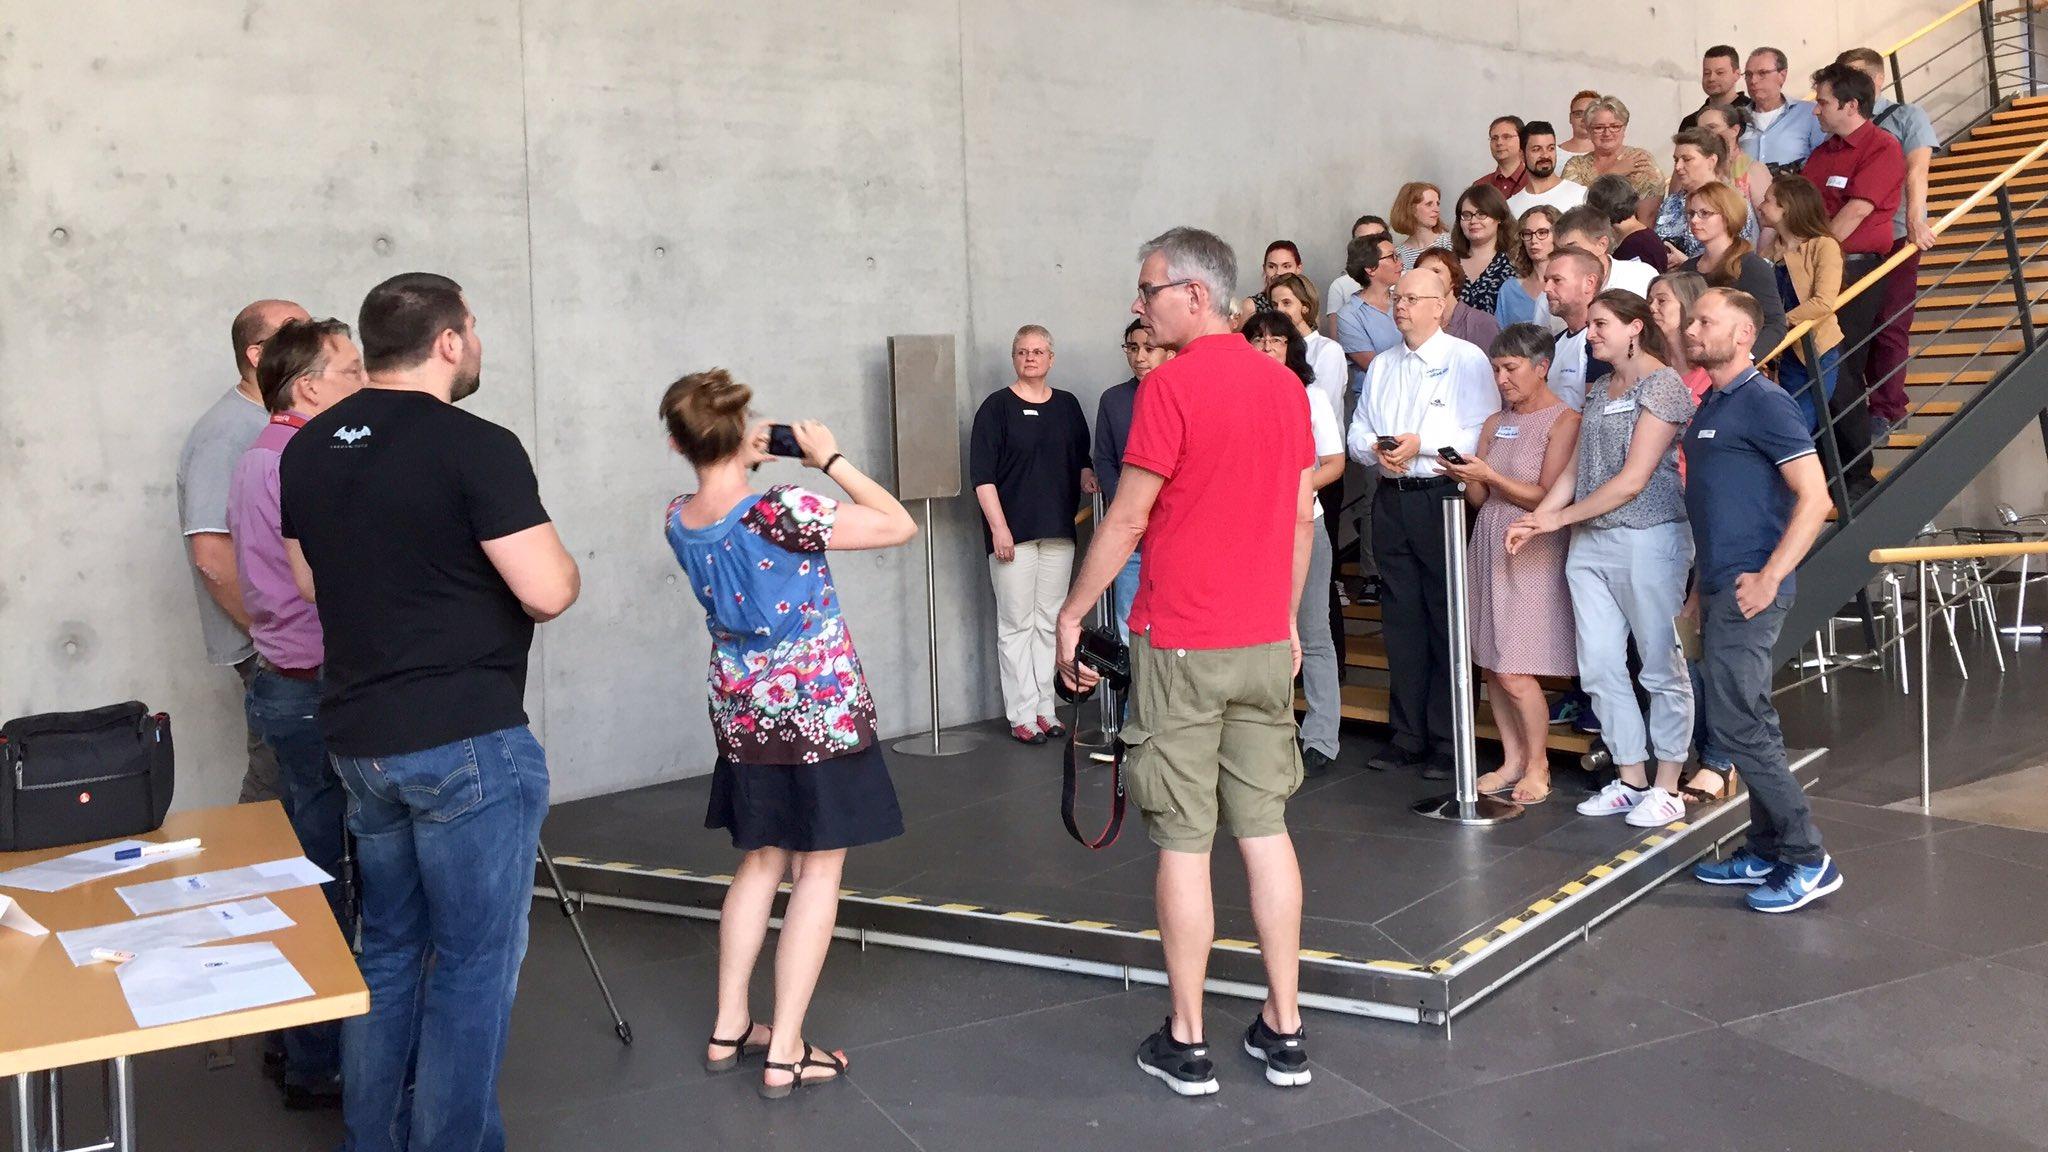 Aufstellung zum Gruppenfoto beim Social Media Walk bei uns in Frankfurt #dnbsmcffm Unklar, ob das heute noch fertig wird ... https://t.co/98hCTNcS2S